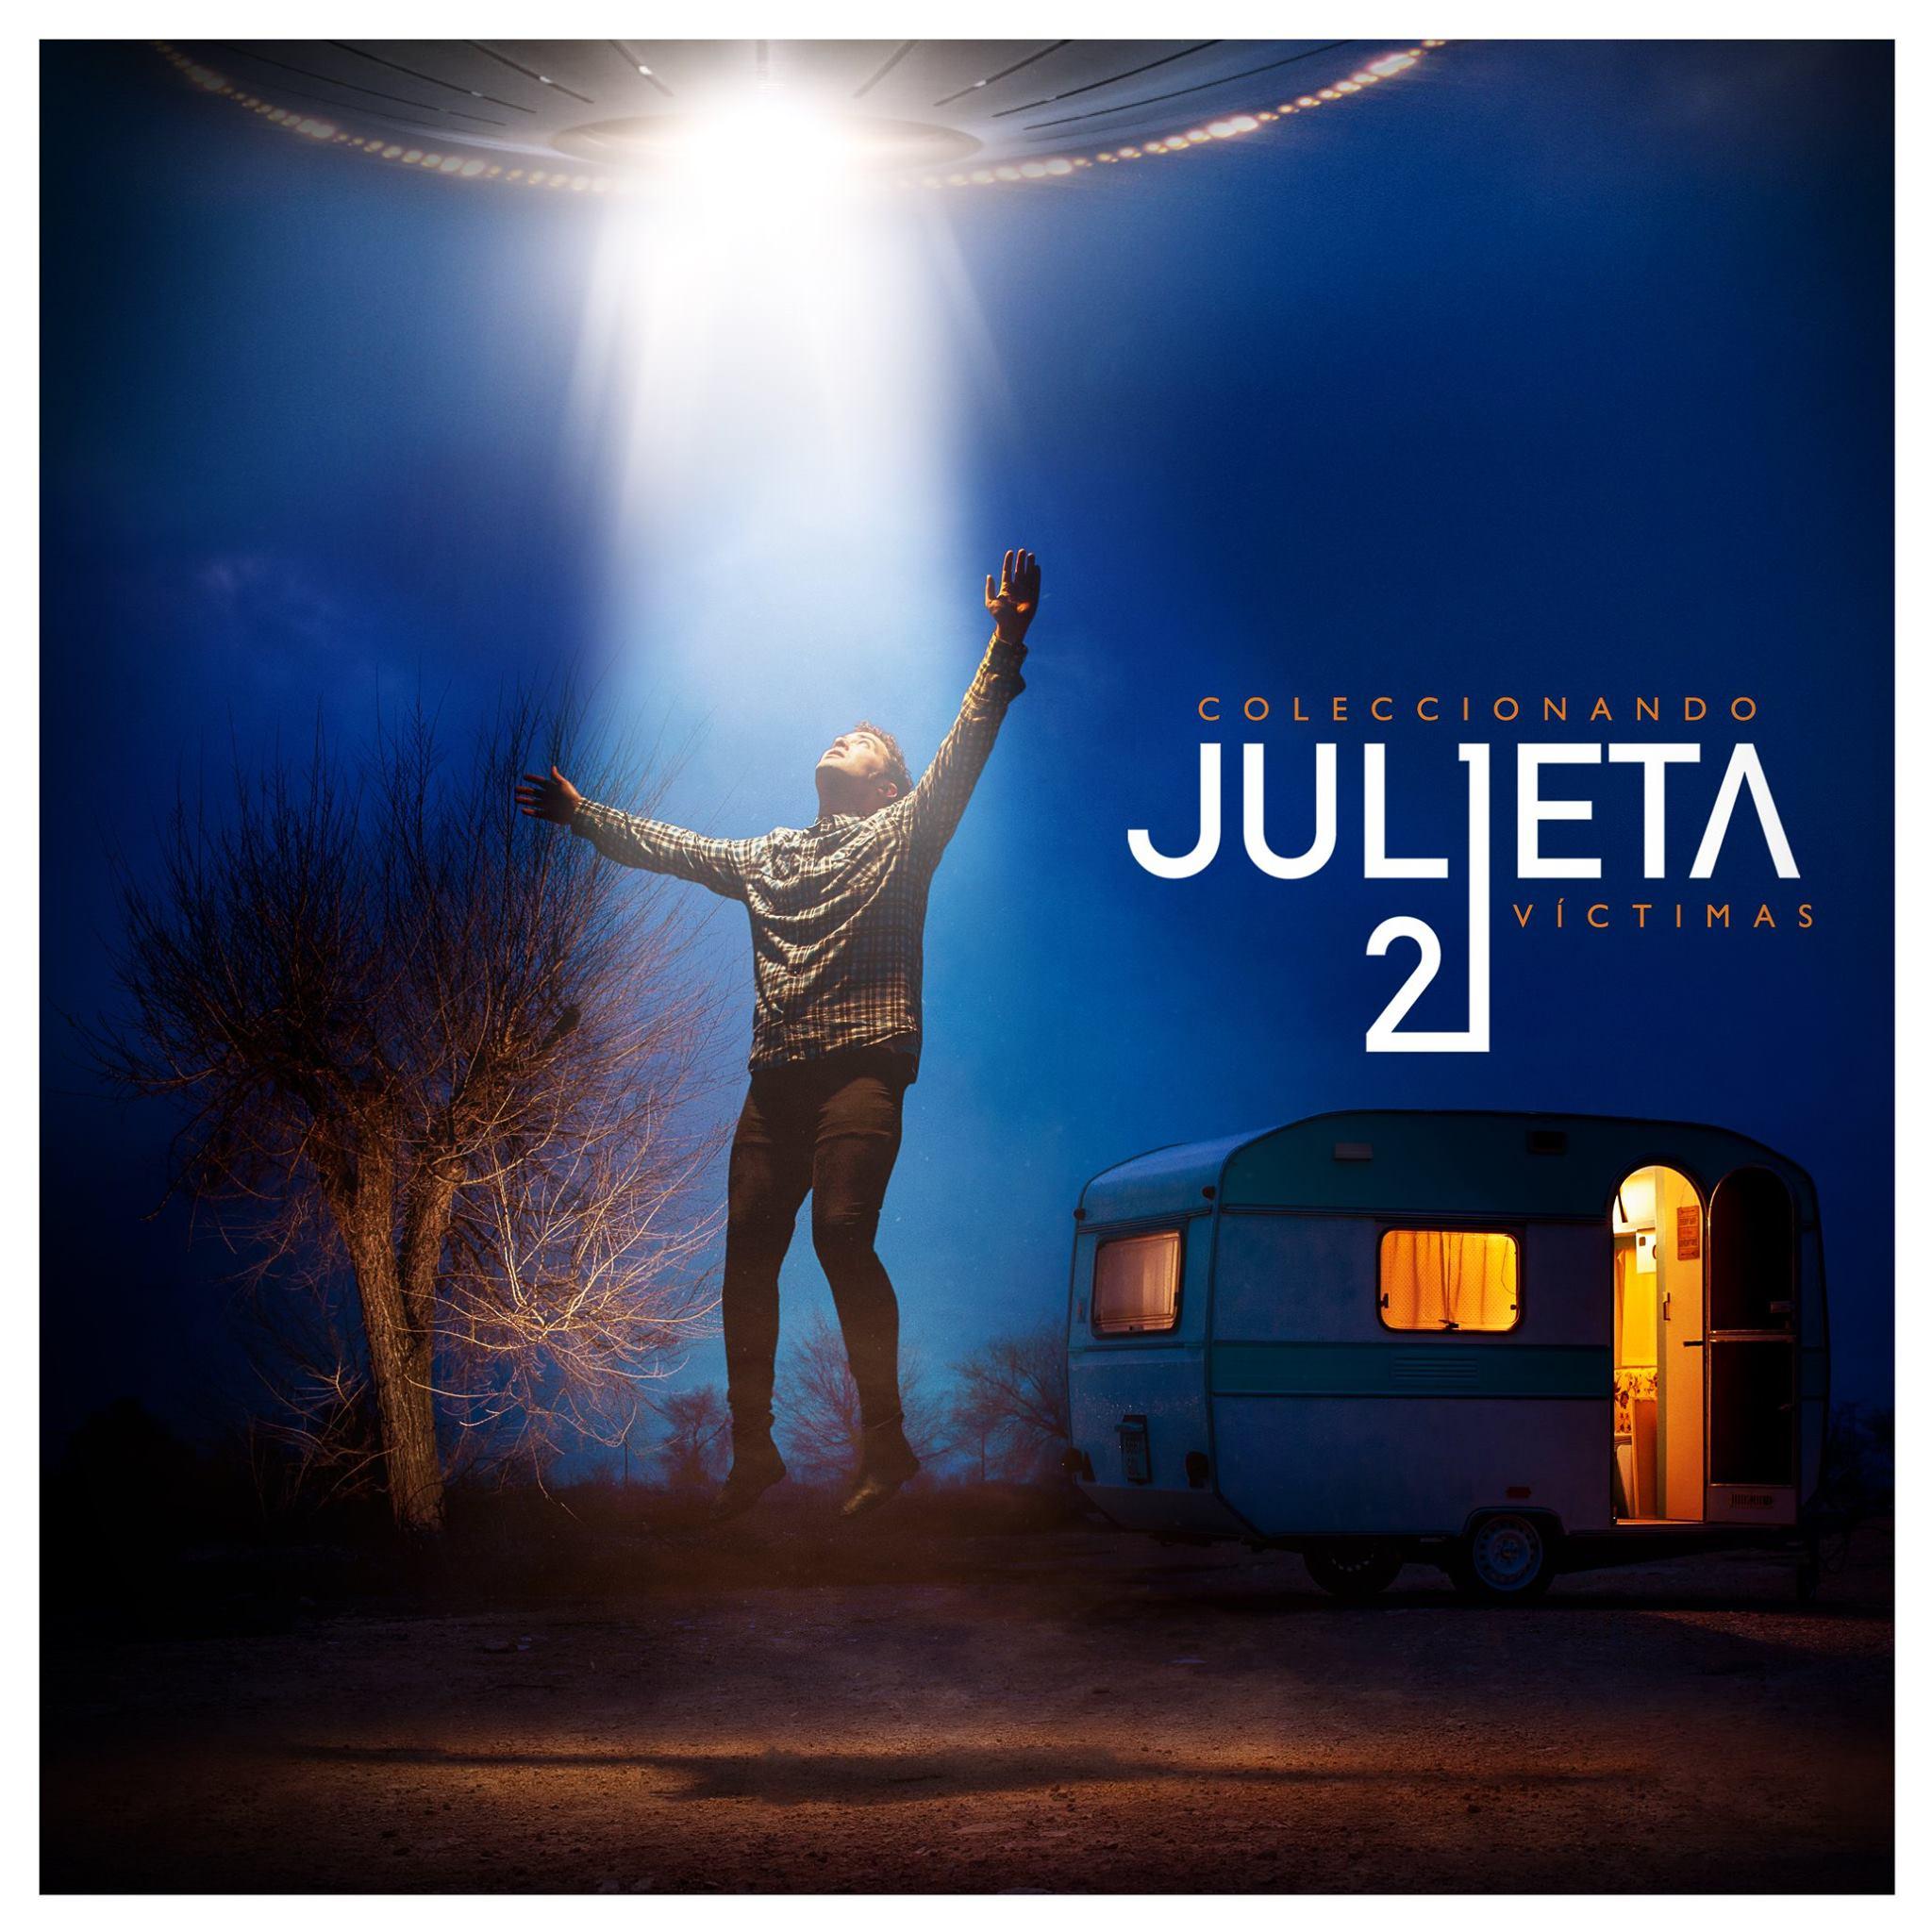 Julieta 21 Coleccionando victimas